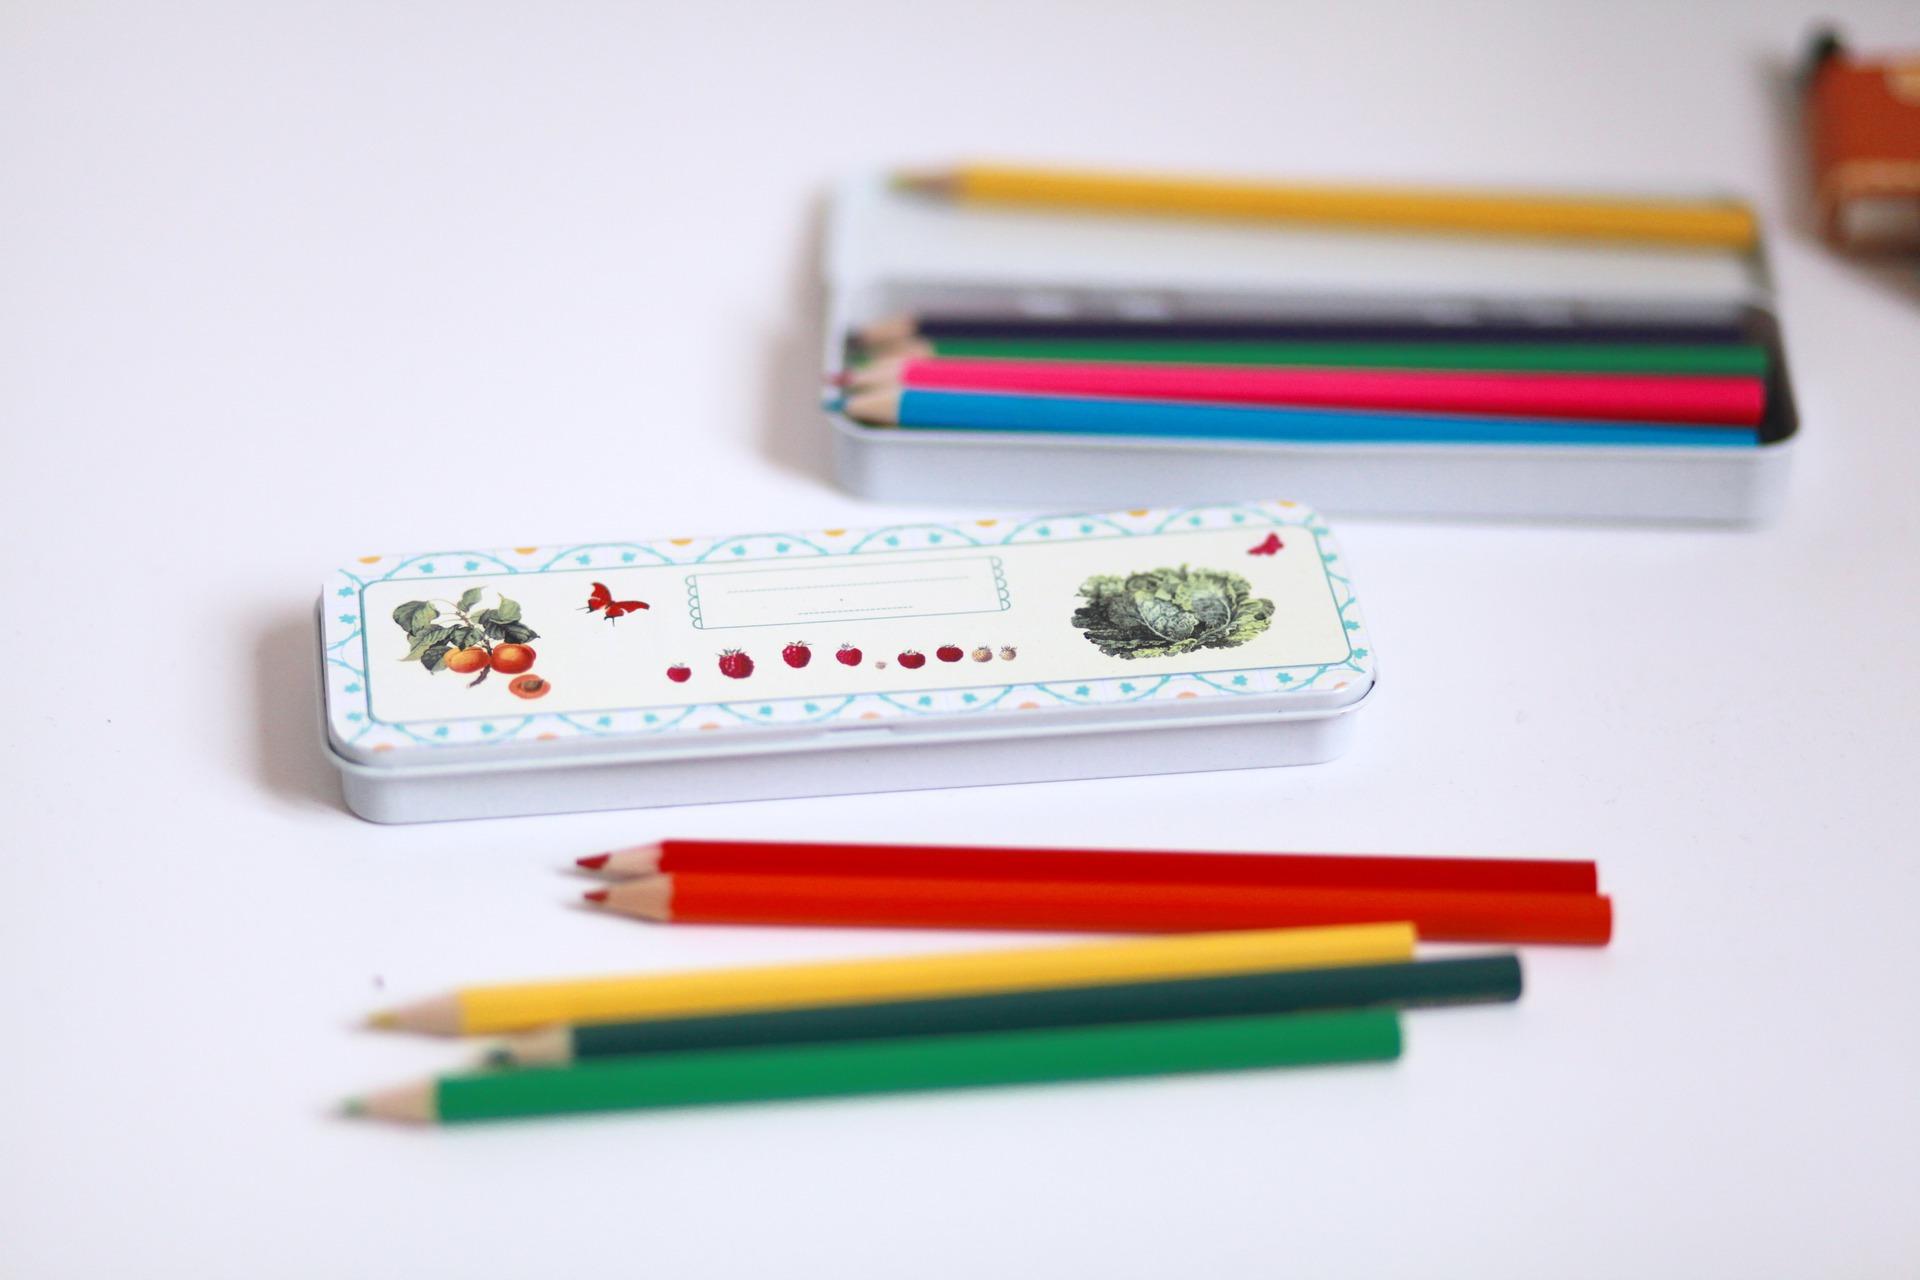 materiel-pour-ecriture-petite-boite-de-crayons-de-couleur-15837782-img-4979-jpg-1dd760-48243_big